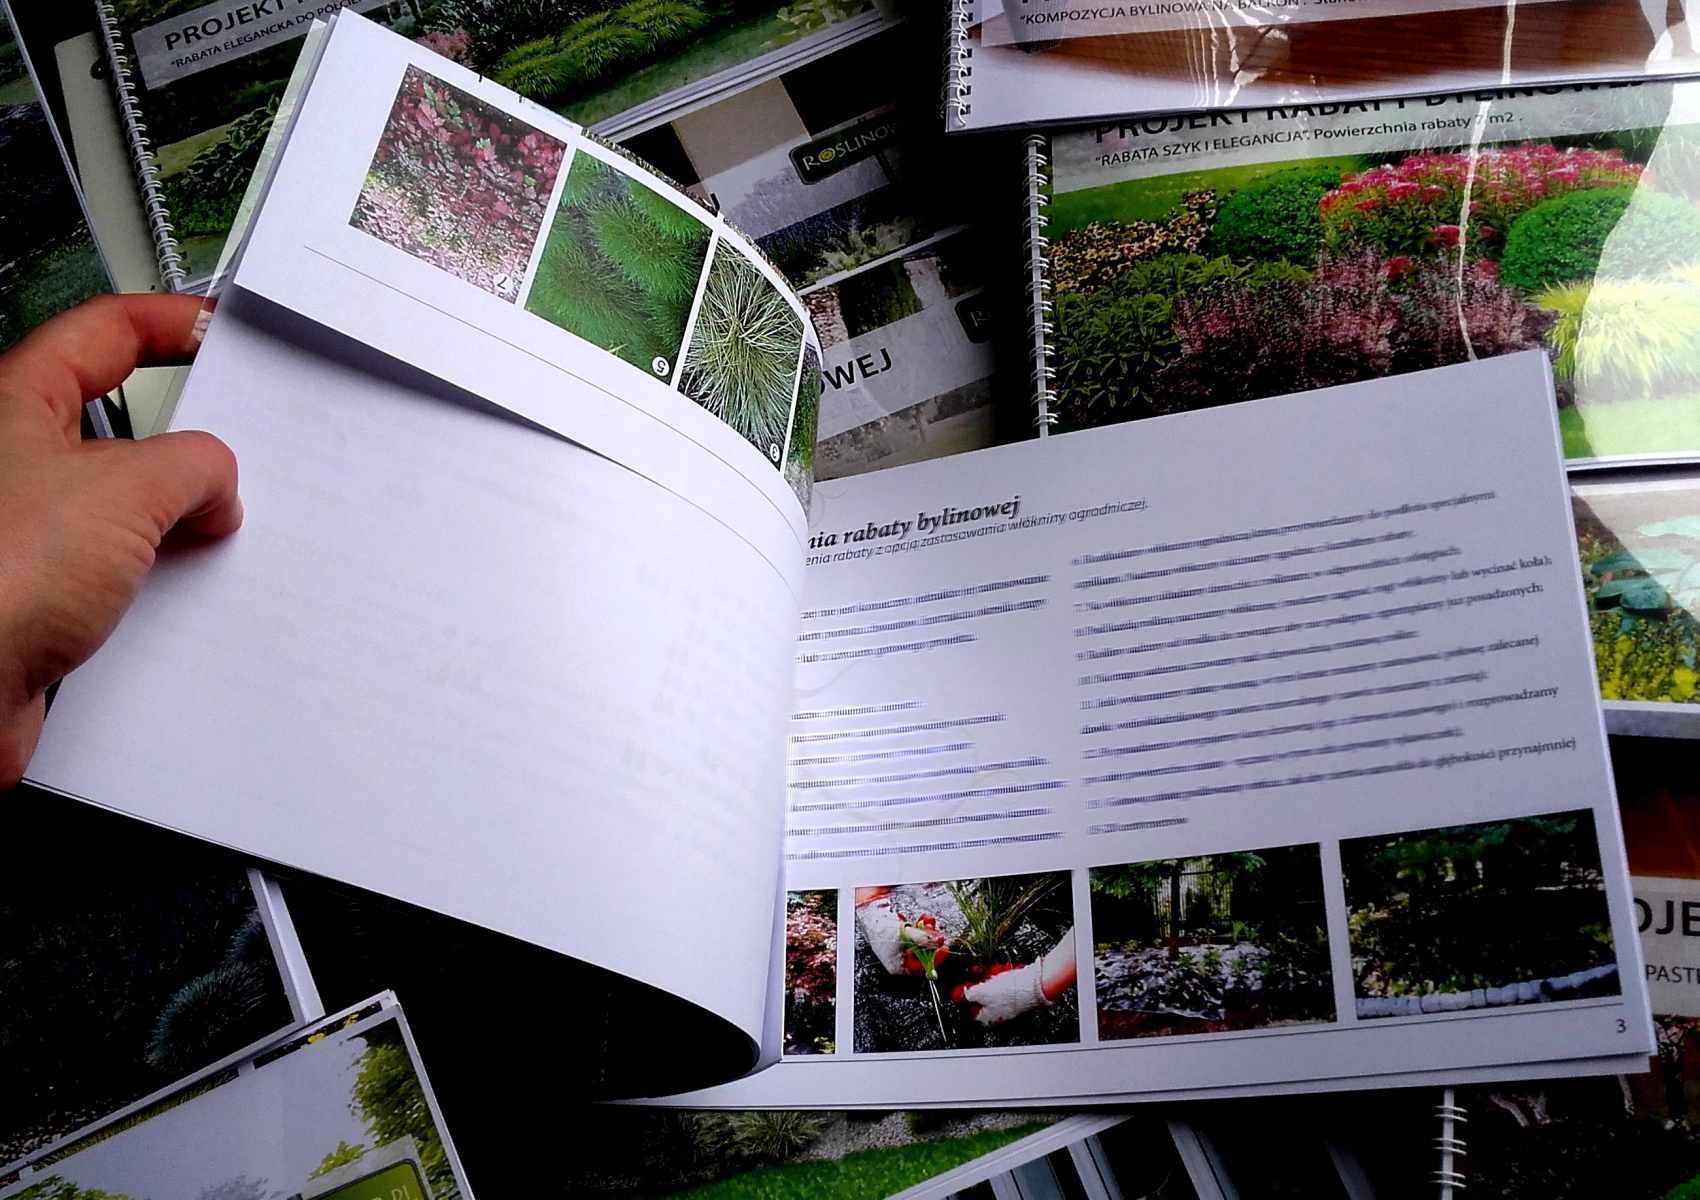 Instrukcja jak wykonać rabatę prowansalską z użyciem włókniny ogrodniczej.